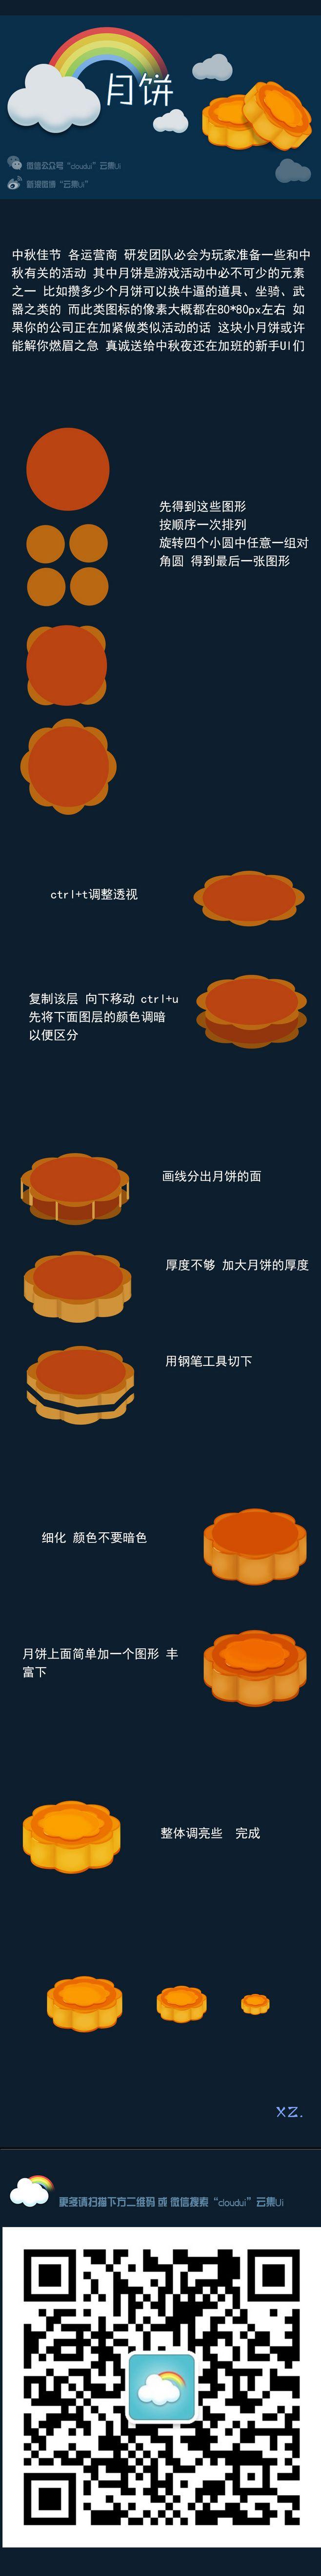 游戏ui教程图标月饼 交流QQ群 108...